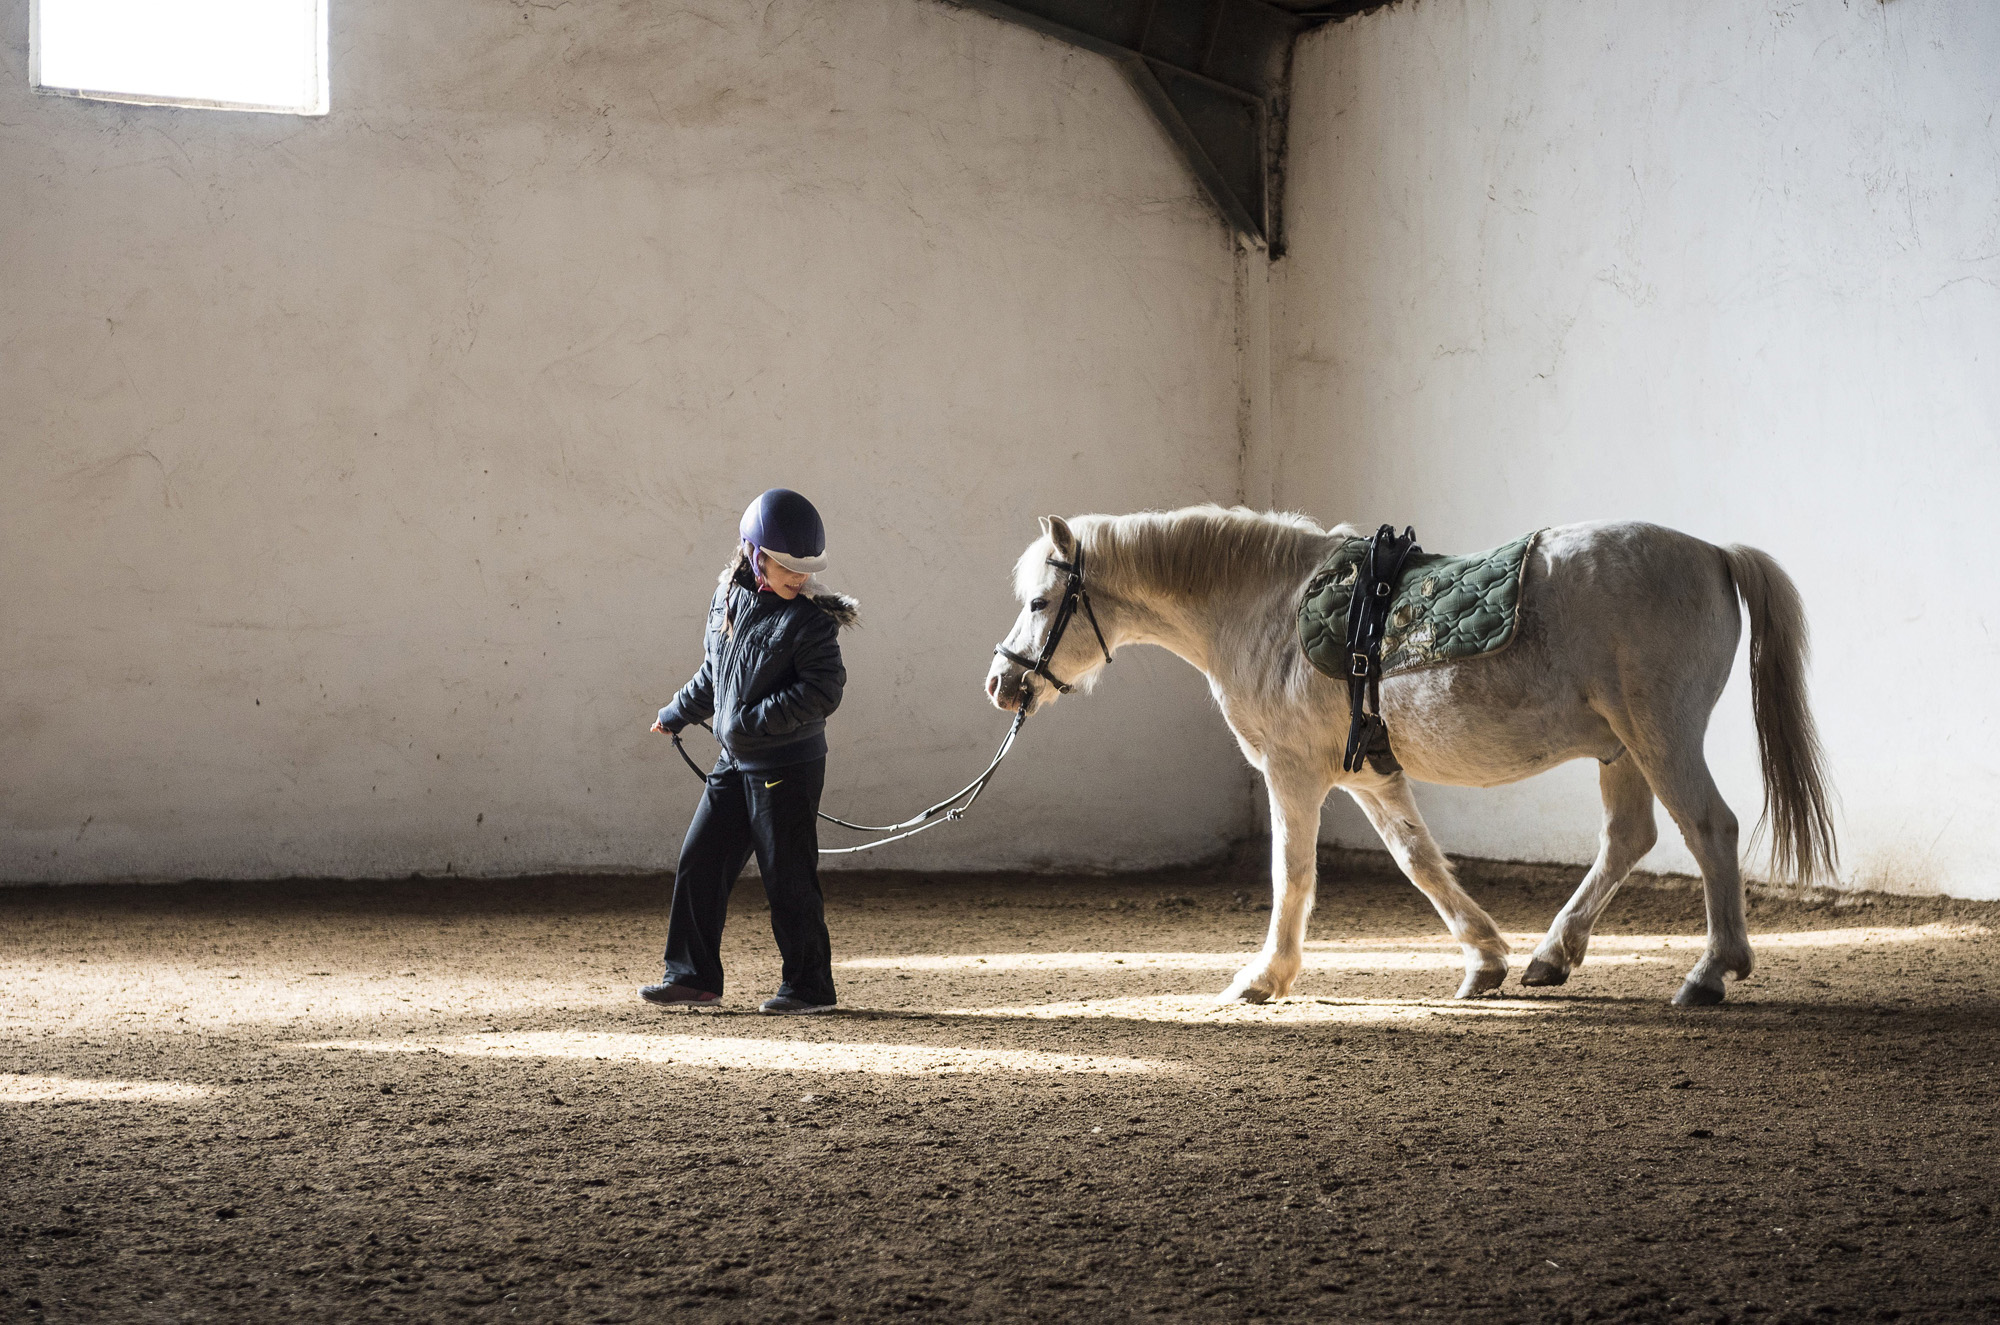 Nyíregyháza, 2017. március 30.Az autizmus spektrumzavarral élő Farkas Laura (k) egy lovat sétáltat a Nyíregyházi Fedeles Lovardában tartott terápiás foglalkozáson 2017. március 26-án. Az állandó felügyeletet igénylő gyermek nevelésének nehézségei miatt a család felbomlott, a szülők elváltak. A két gyermekét egyedül nevelő Farkas Árpád korábban jól működő vállalkozásaira nem tudott elég időt fordítani, így az egykor jó körülmények között élő család anyagi helyzete megváltozott. A férfi alapító elnöke az autista gyerekek szülői szervezetének, a 2014 tavaszán bejegyzett Most Élsz Egyesületnek, amely folyamatosan keresi a gyógyítás újabb és újabb lehetőségeit.MTI Fotó: Balázs Attila